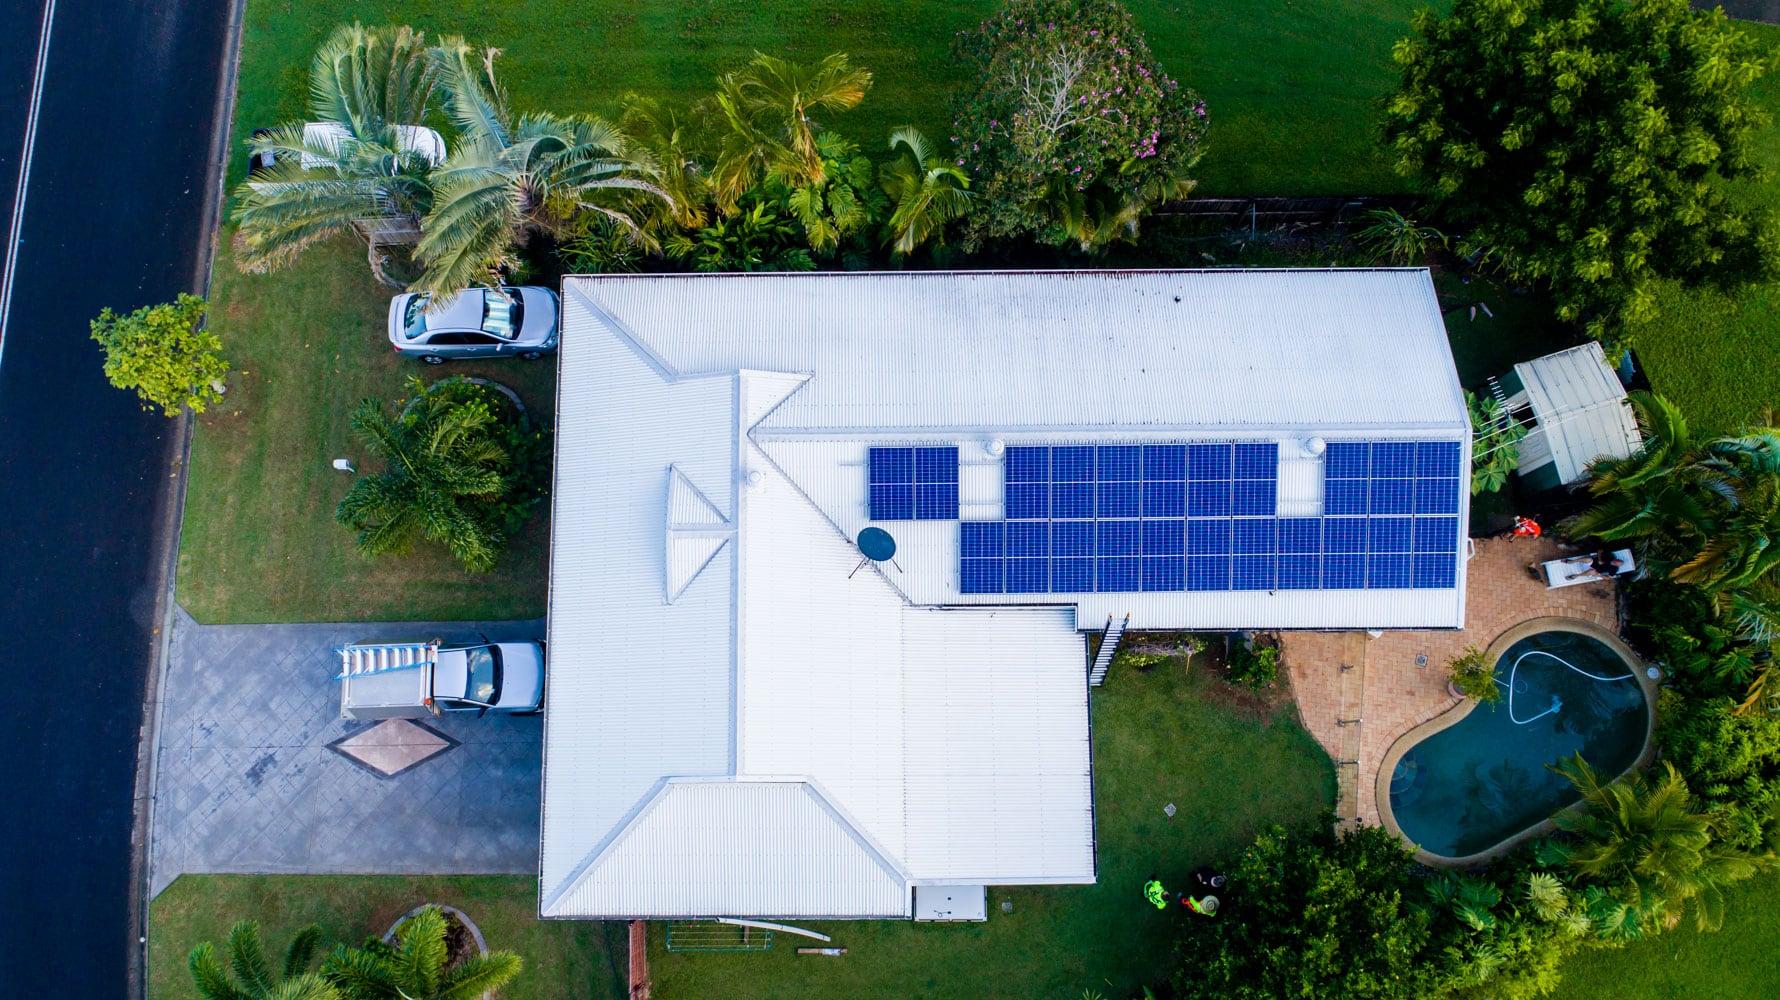 Mount Sheridan Solar System Installation